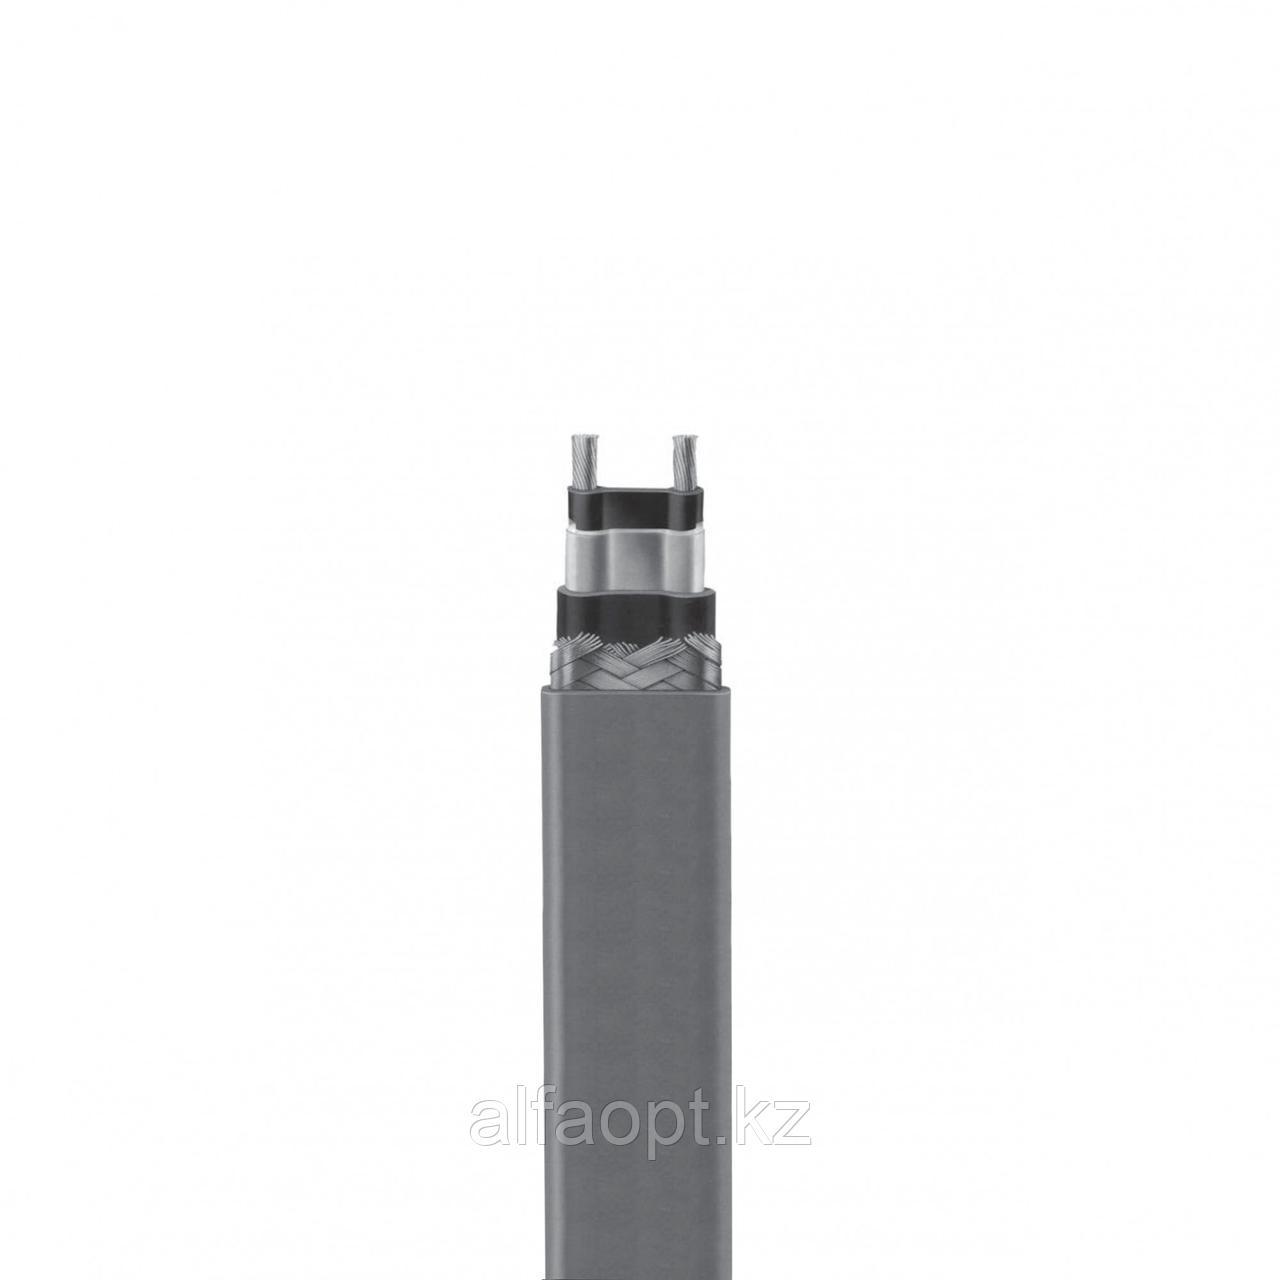 Саморегулирующийся нагревательный кабель NELSON LT-25 – JT